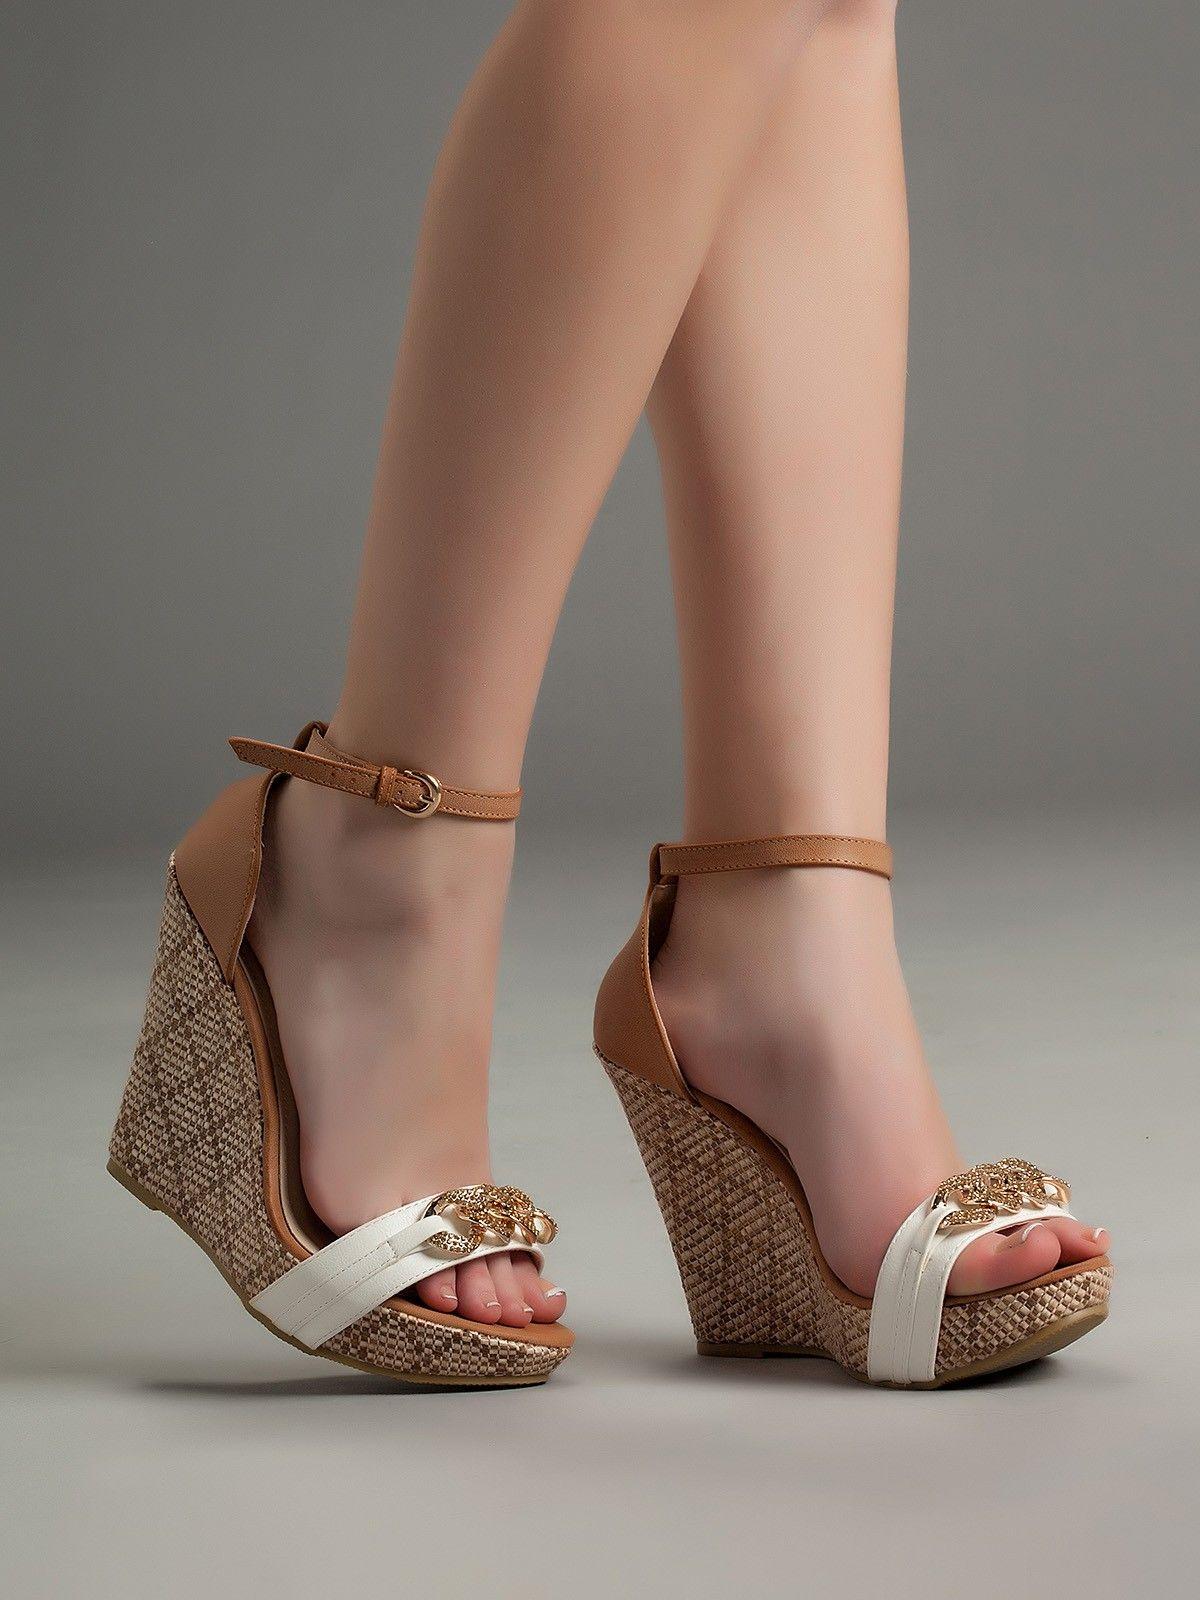 Mujer Zapatos Cuero Verano Gladiador Sandalias Media plataforma Beige / Verde claro Real Vente Pas Cher 5wFis